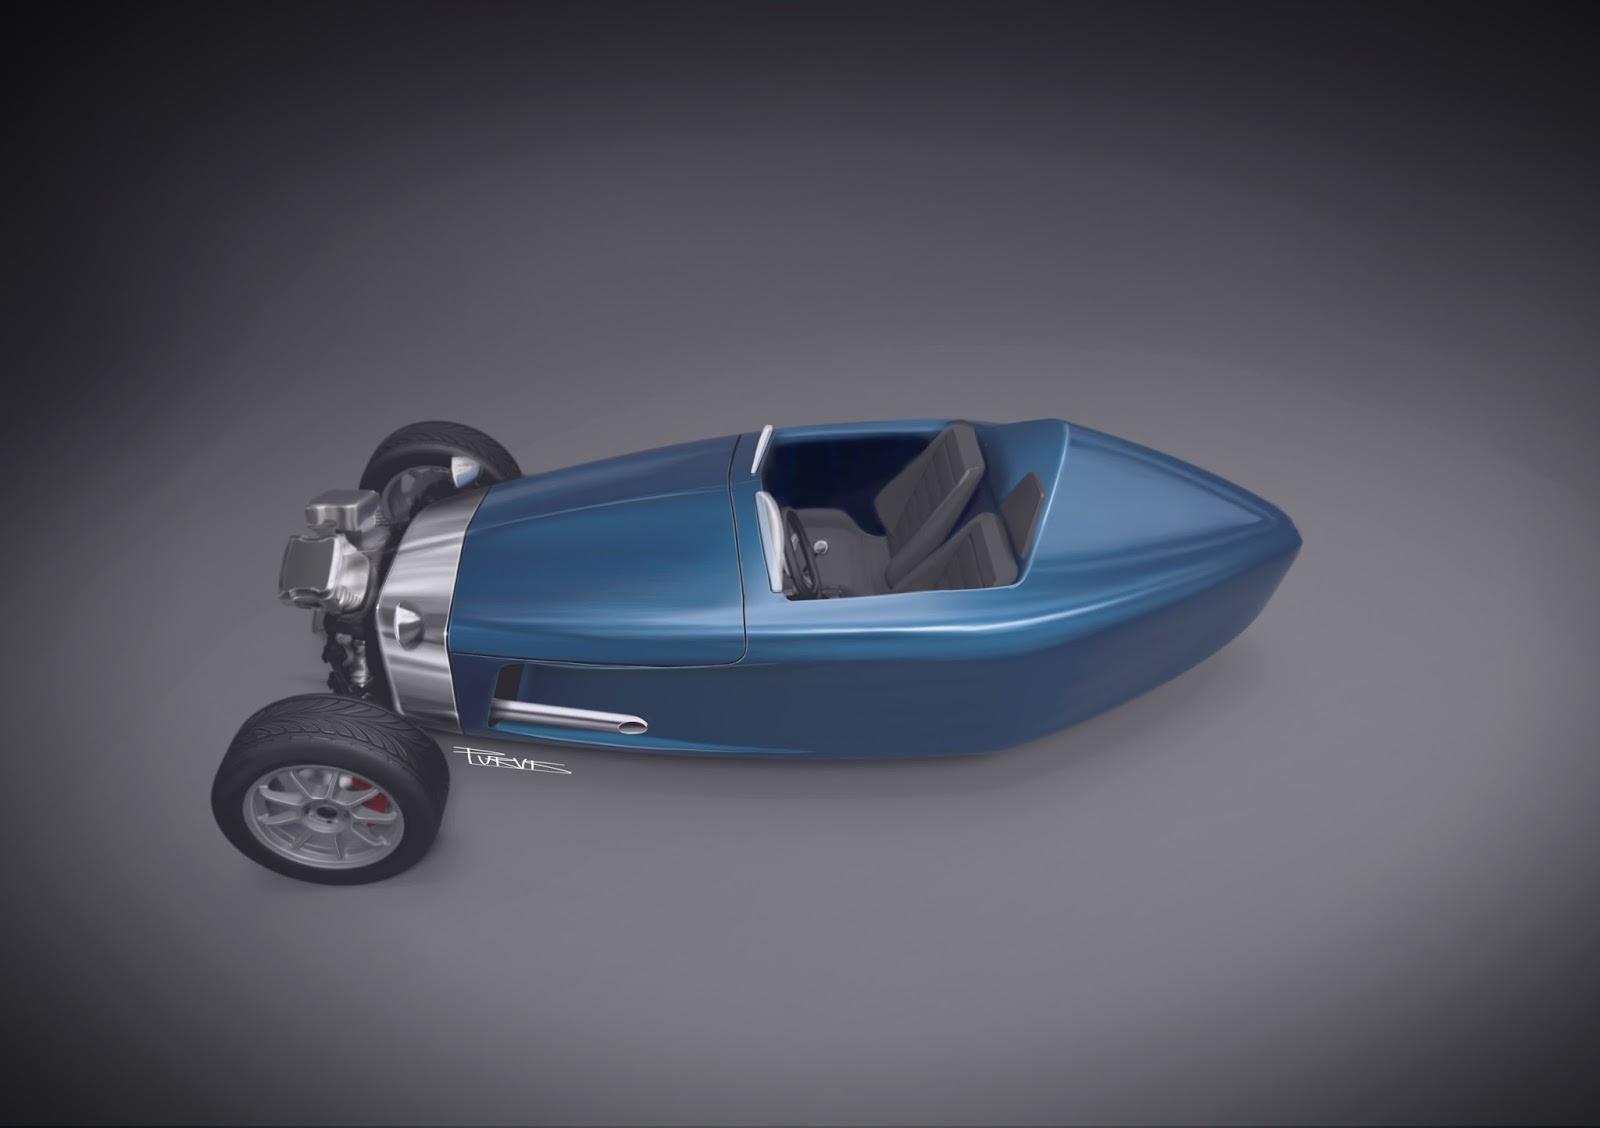 Speedmonkey New British Manufacturer To Make 3 Wheel Cars